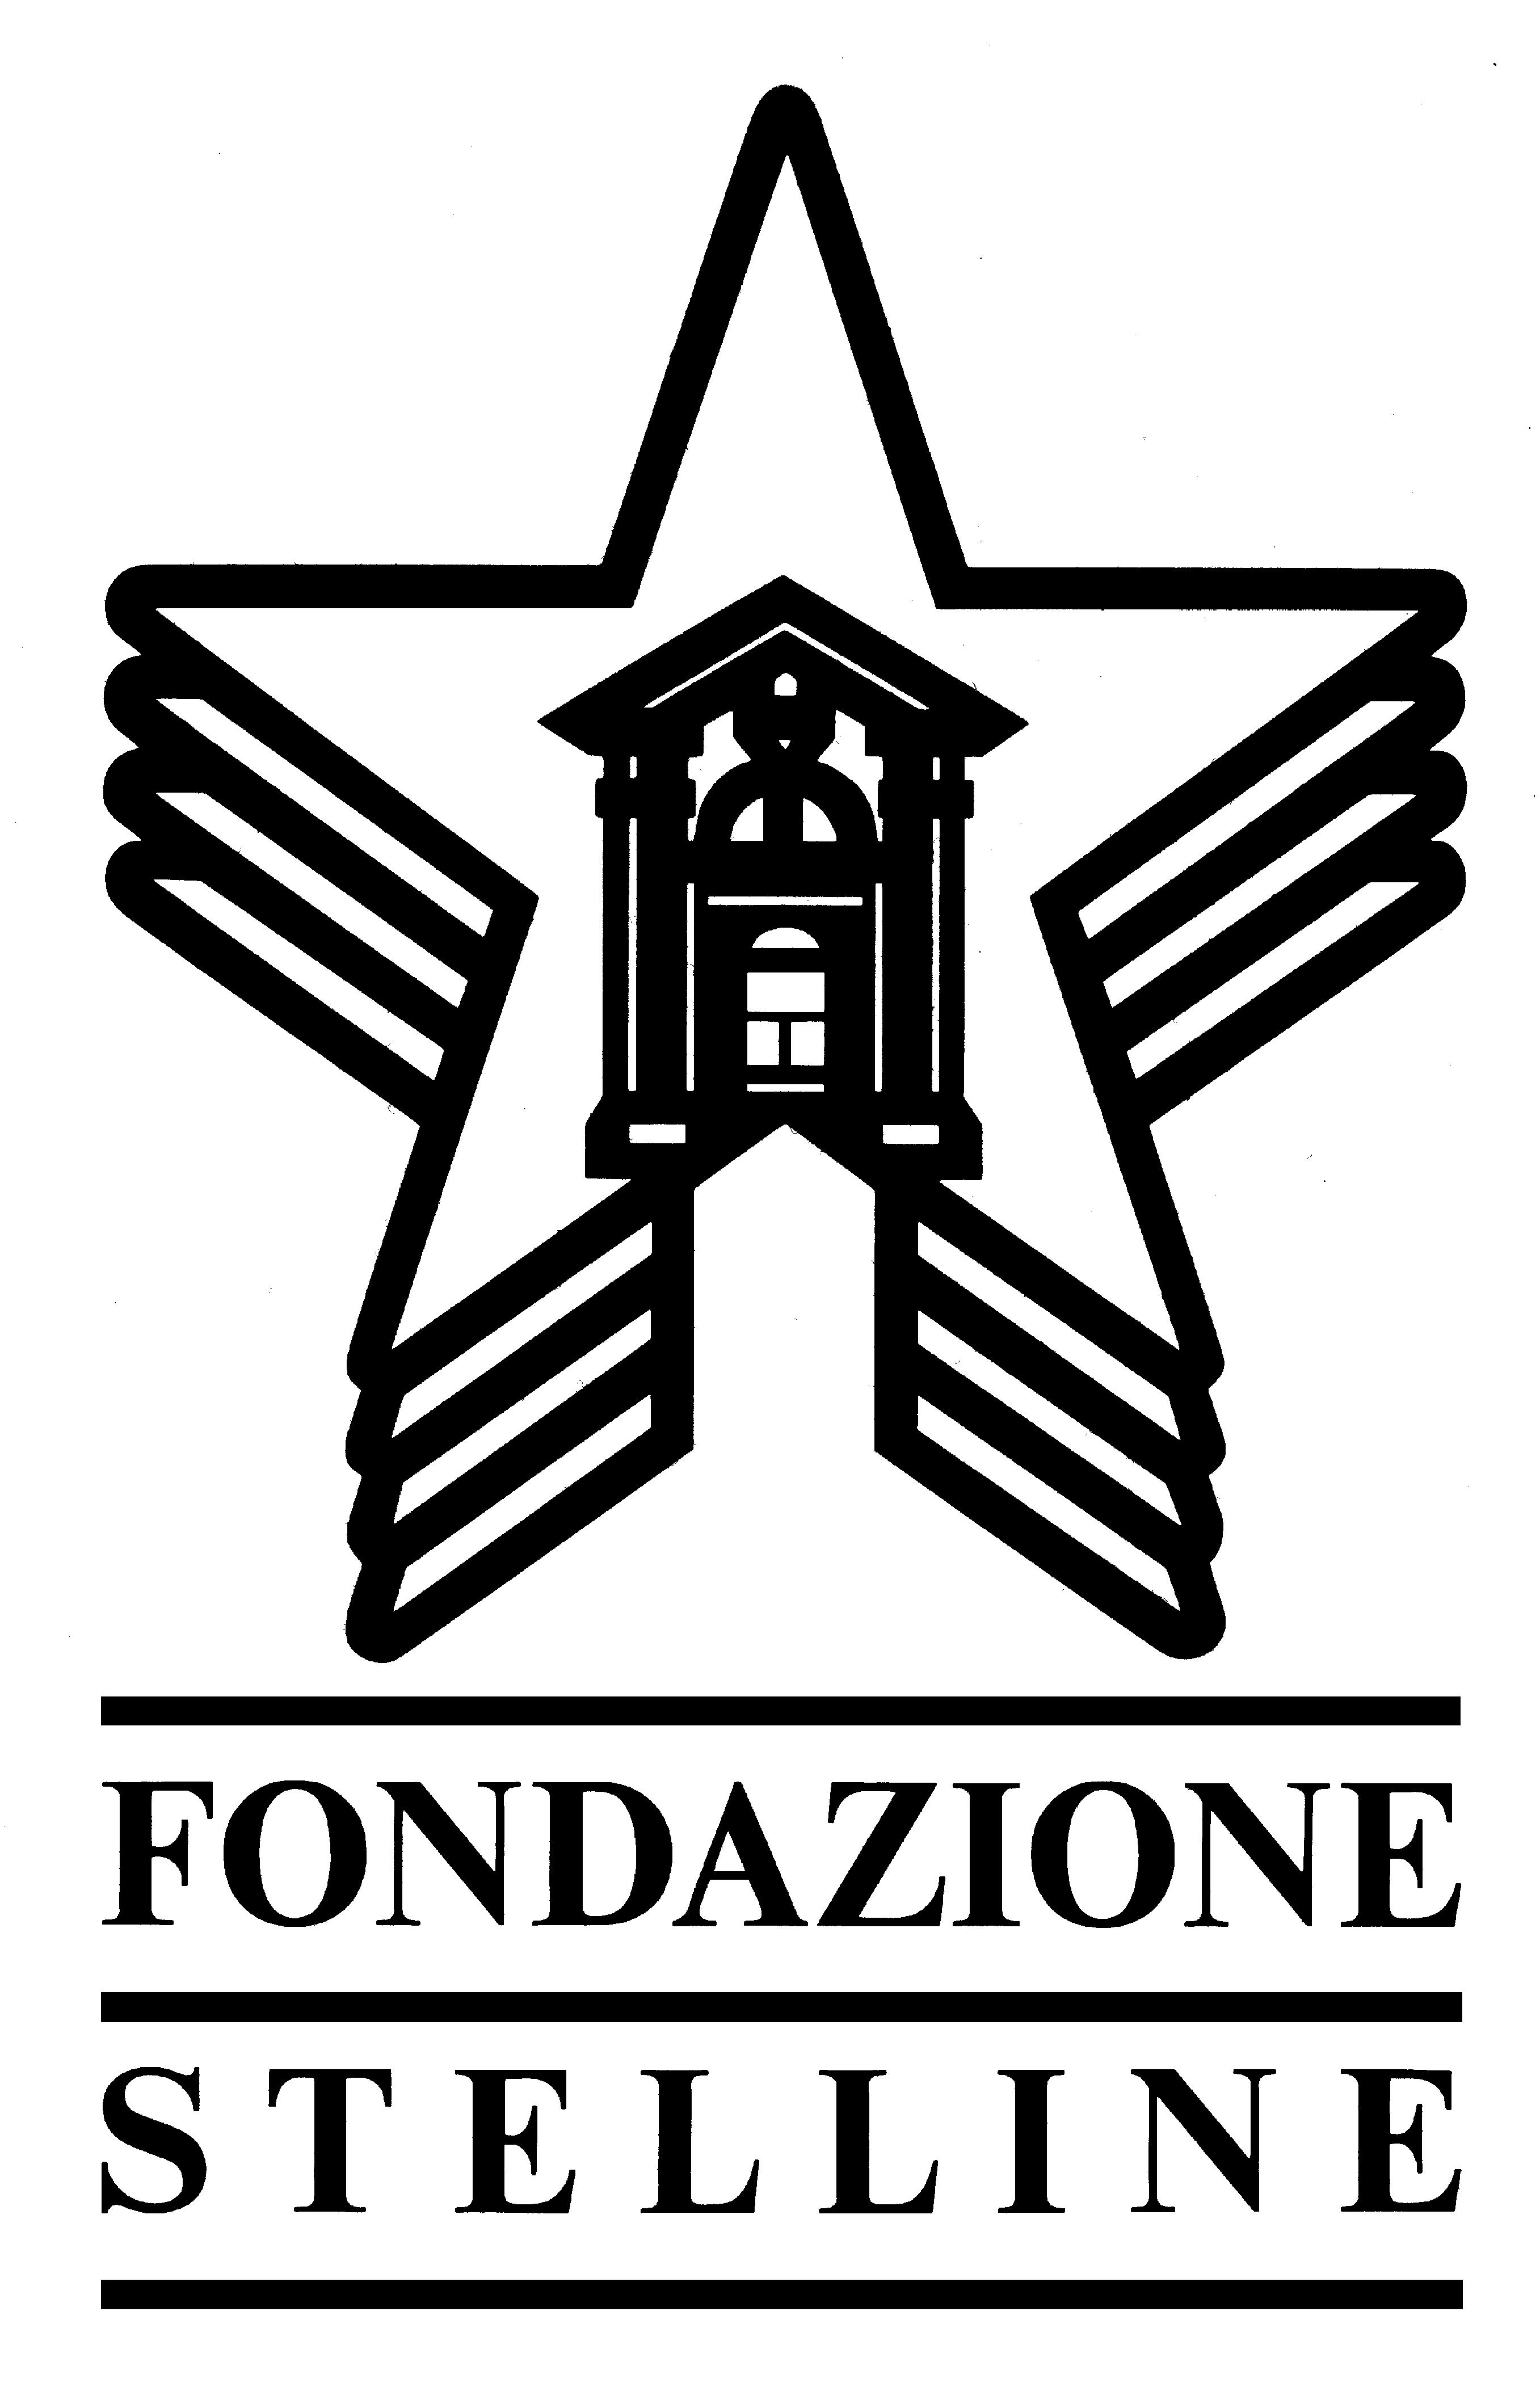 Fondazione Stelline presenta iDyssey, le fotografie di Stefano De Luigi